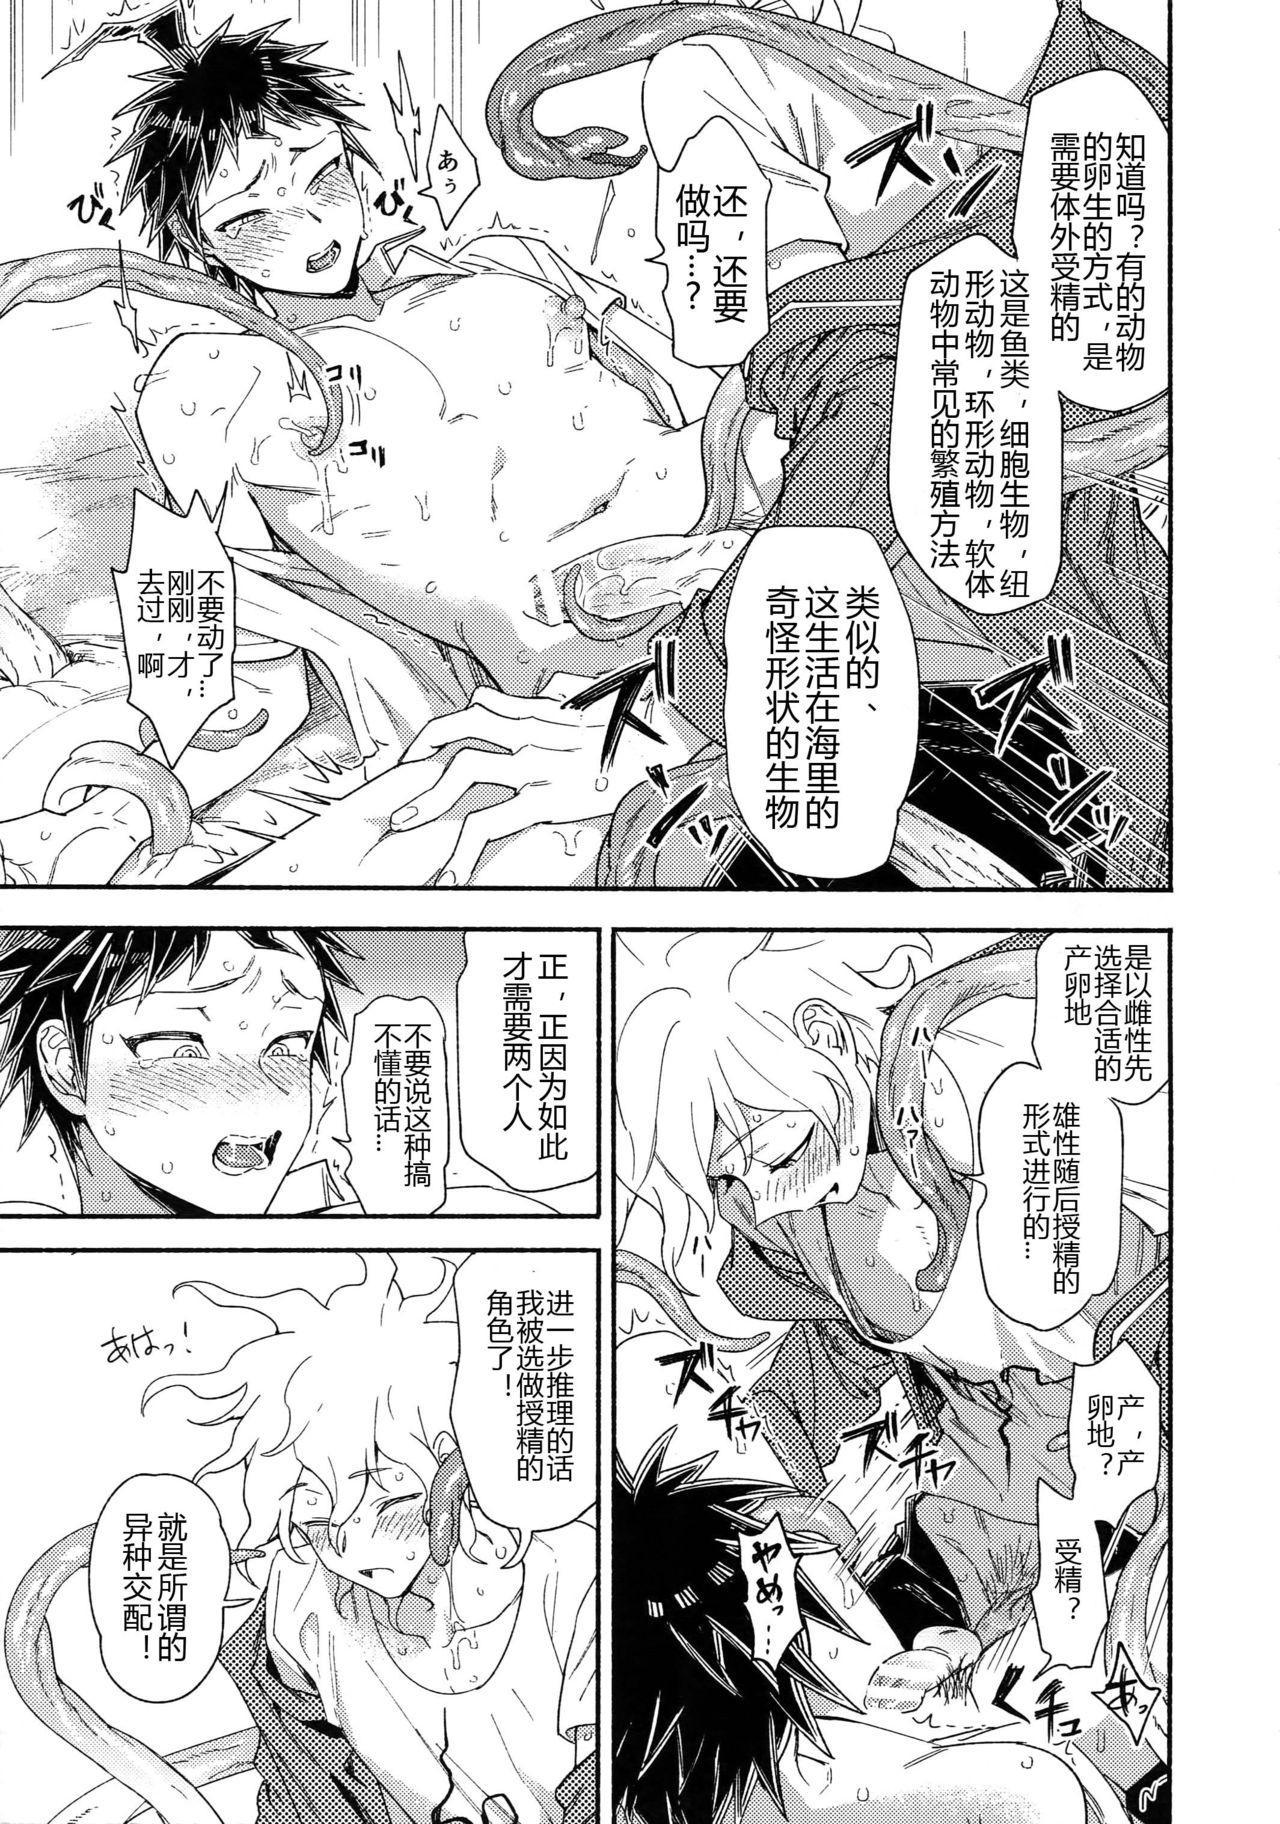 Tsunaide! Shokushu-kun! 连接吧!触手君! 41